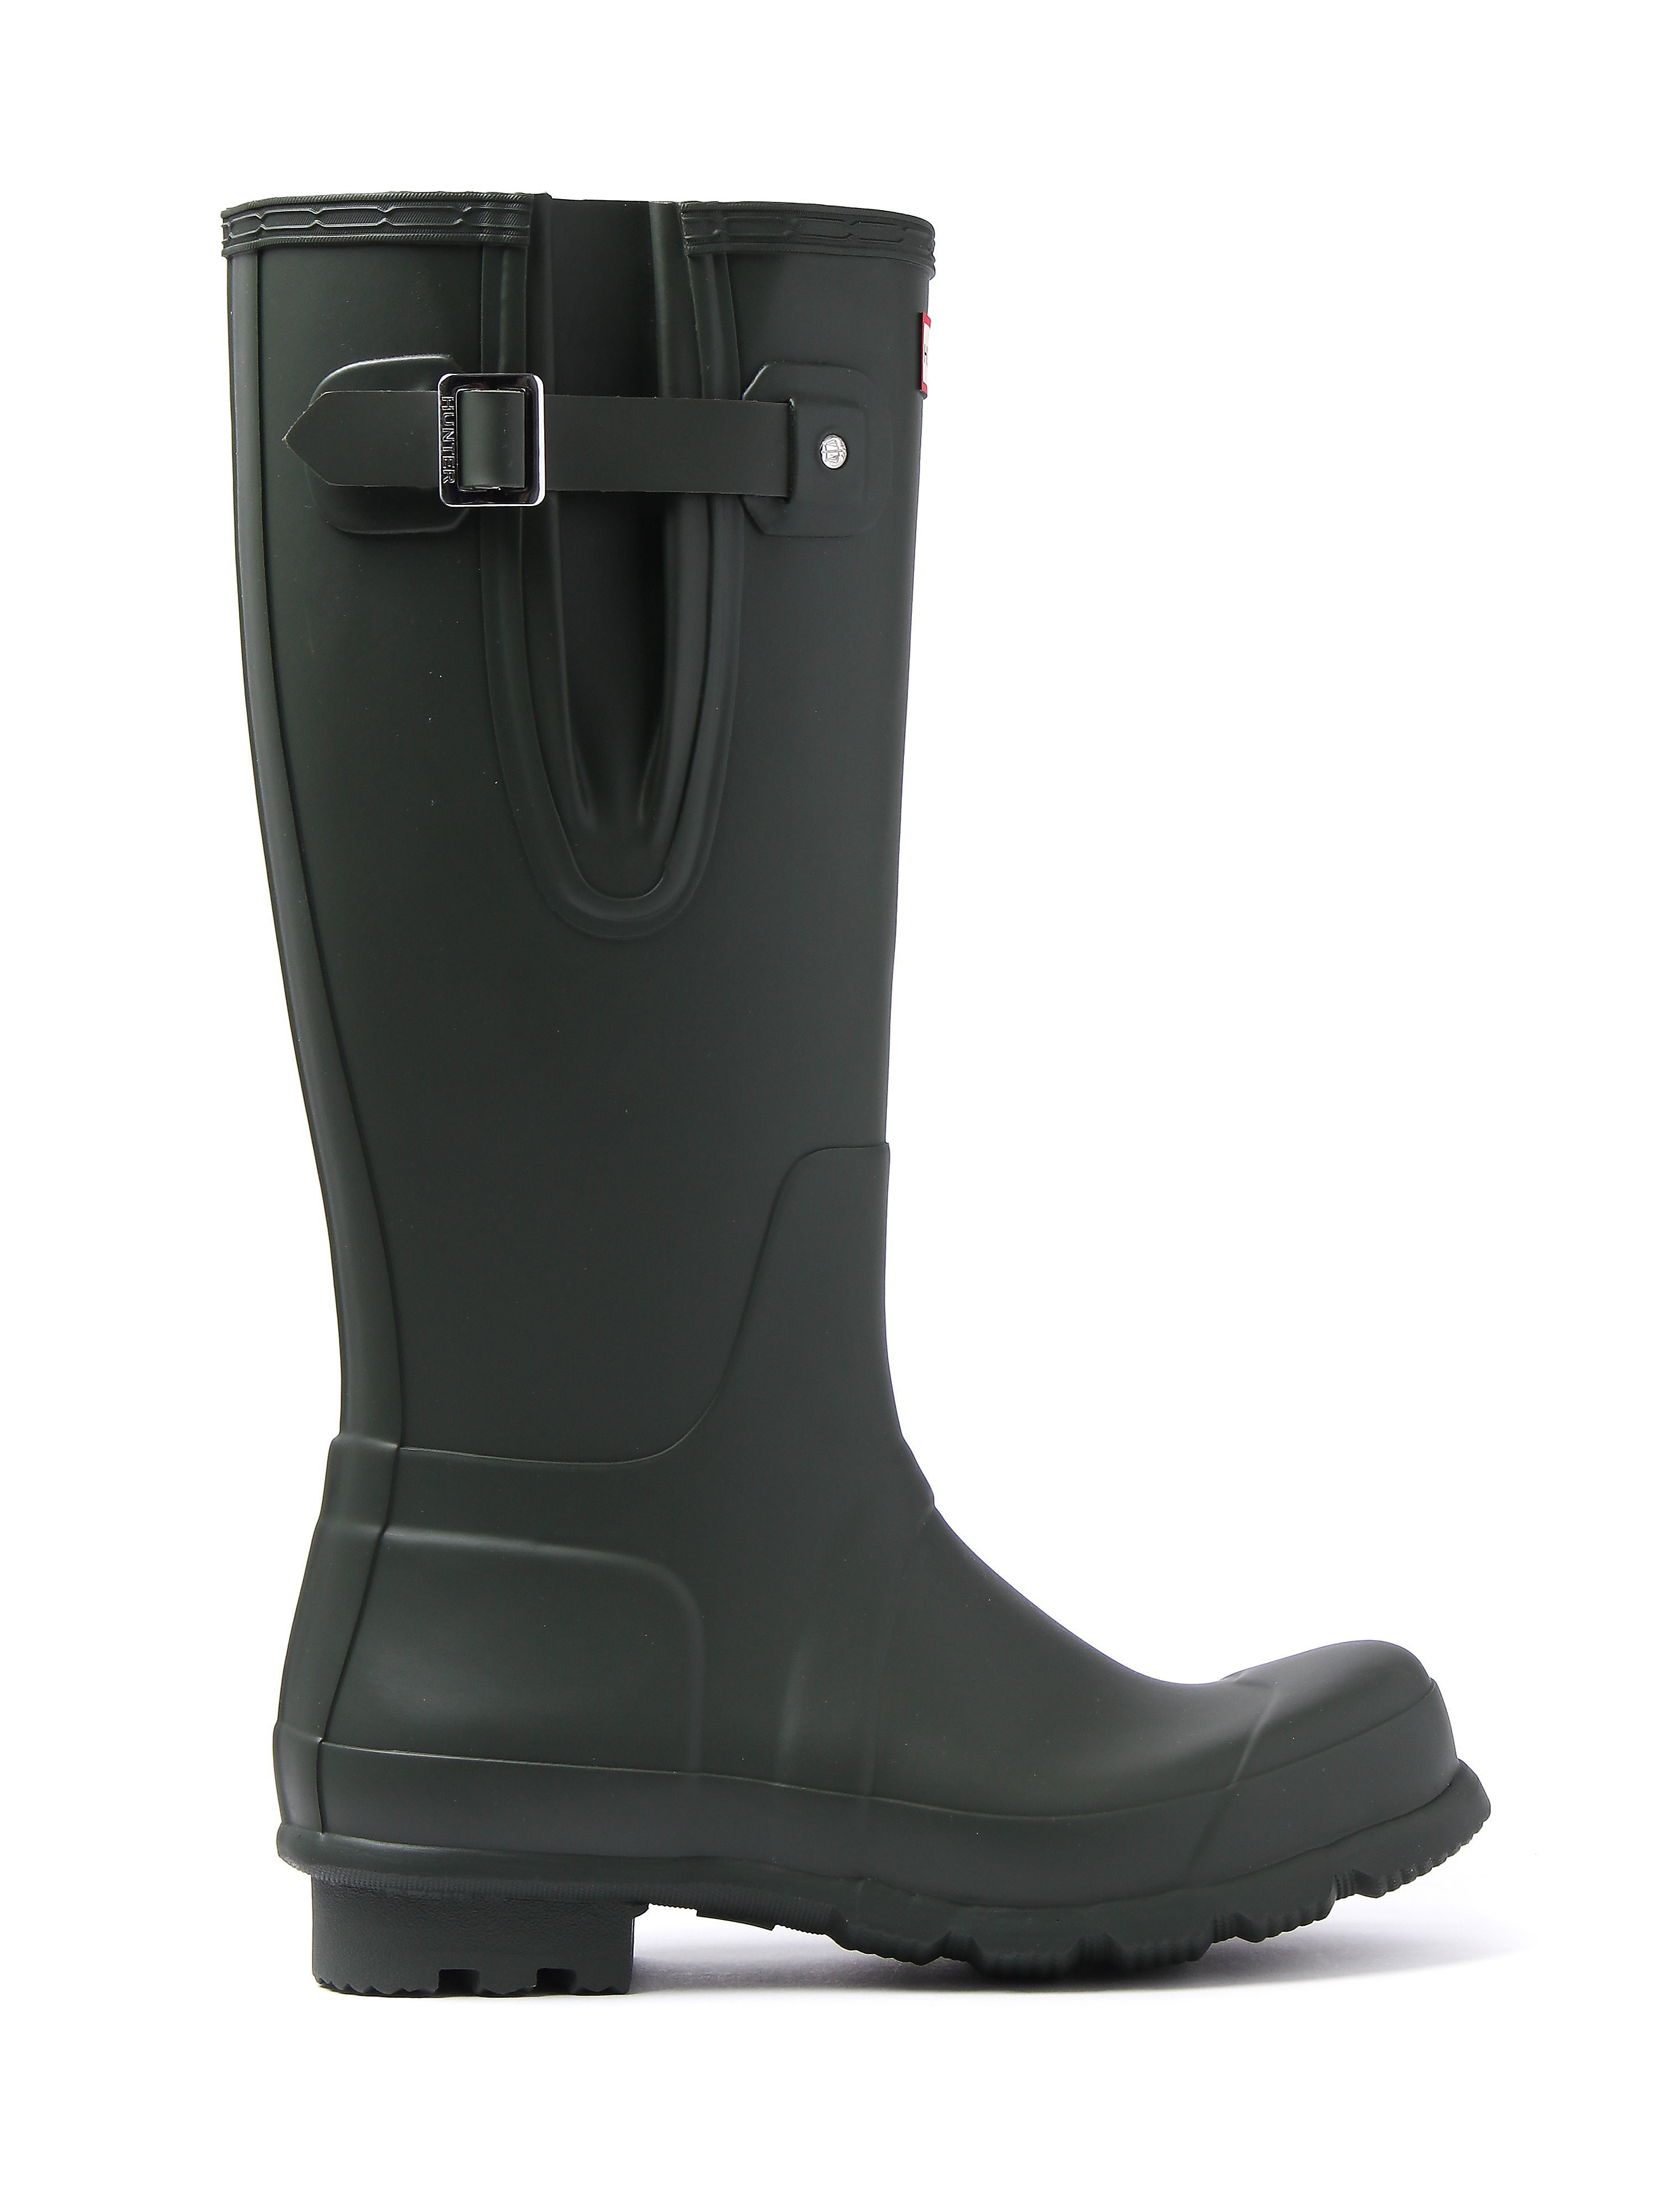 Hunter Wellies Men's Original Side Adjustable Wellington Boots - Dark Olive